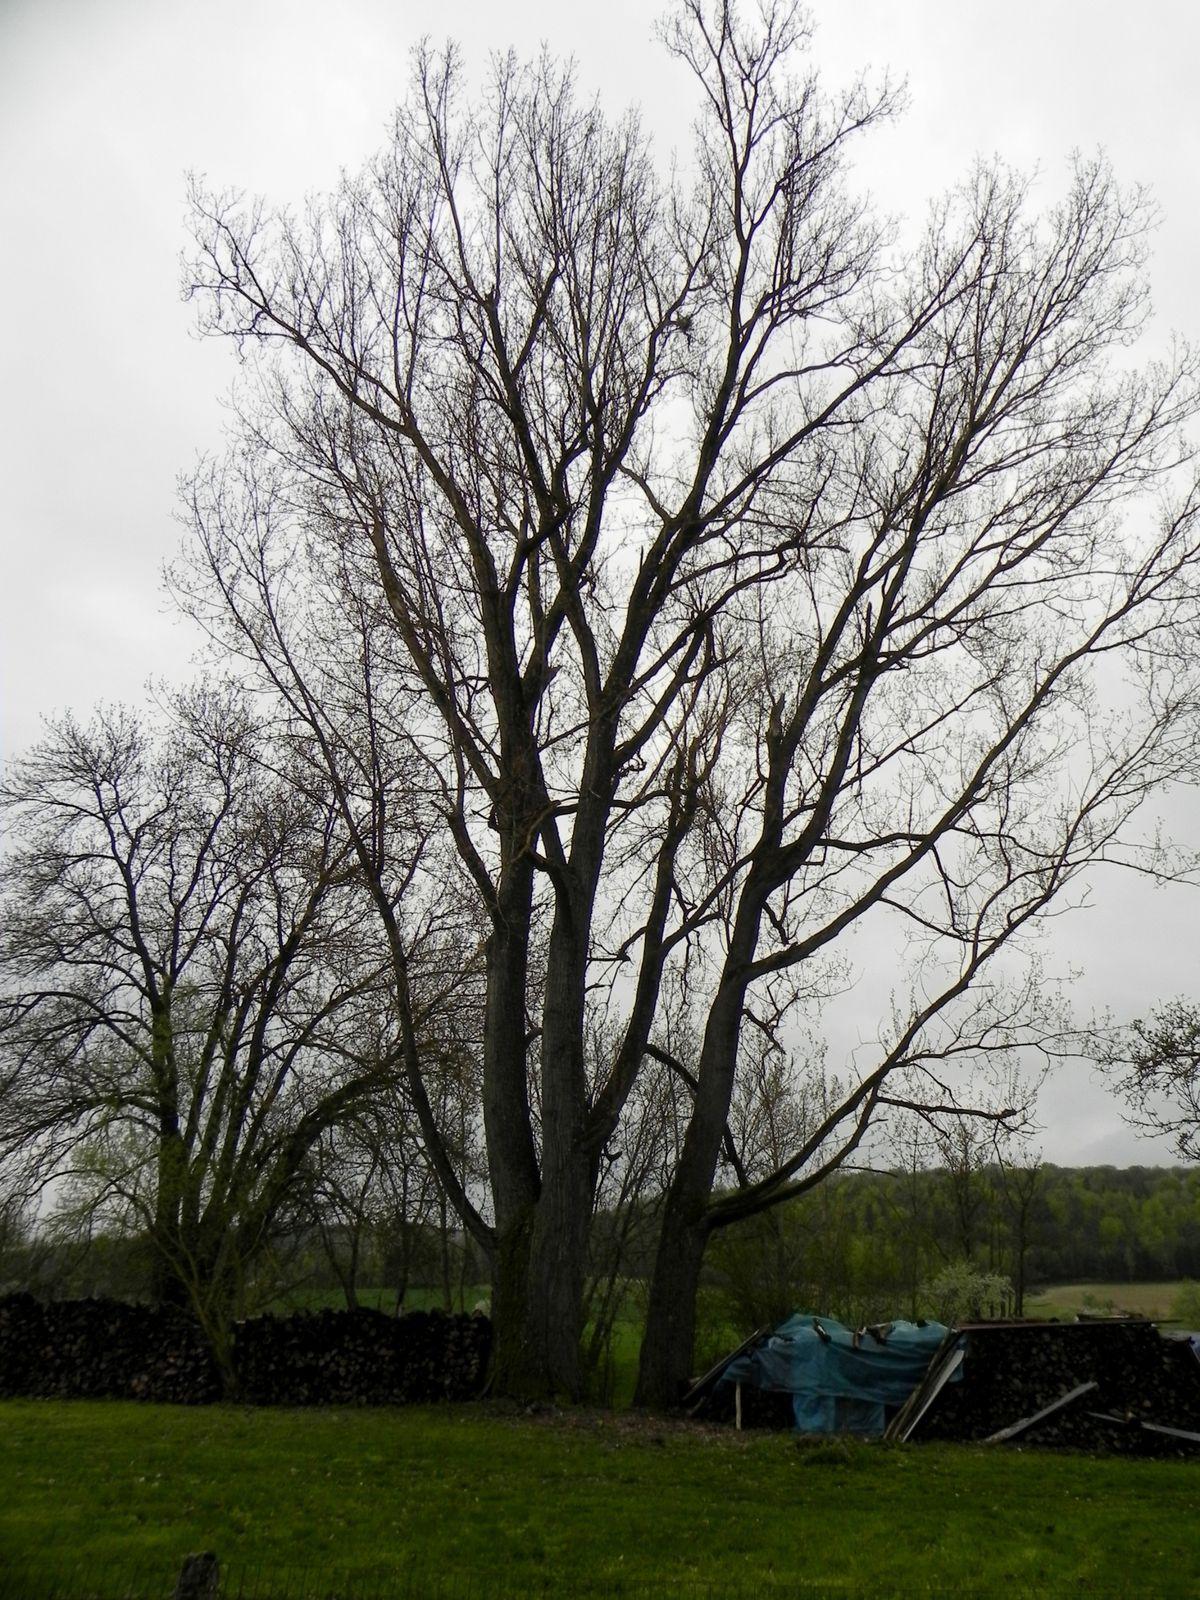 Des arbres magnifiques sur le terrain où était leur maison. Ils ont été planté au moment de leur déportation.